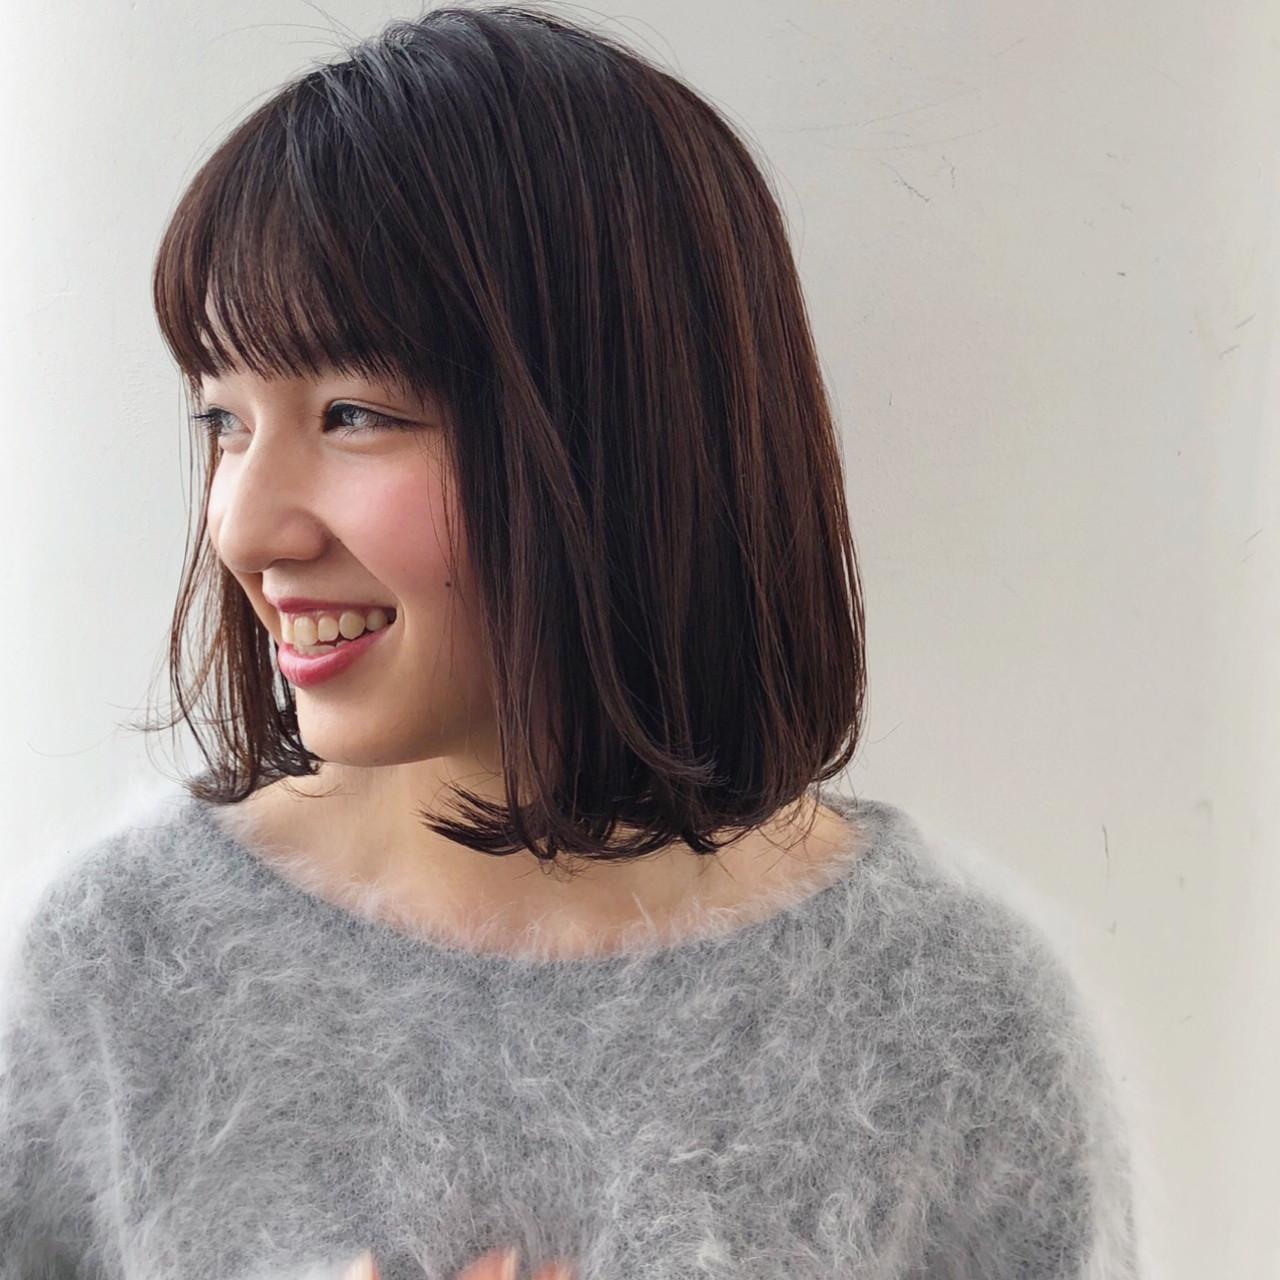 ぱっつん前髪がかわいいストレートボブ 古田 千明 // ZACC